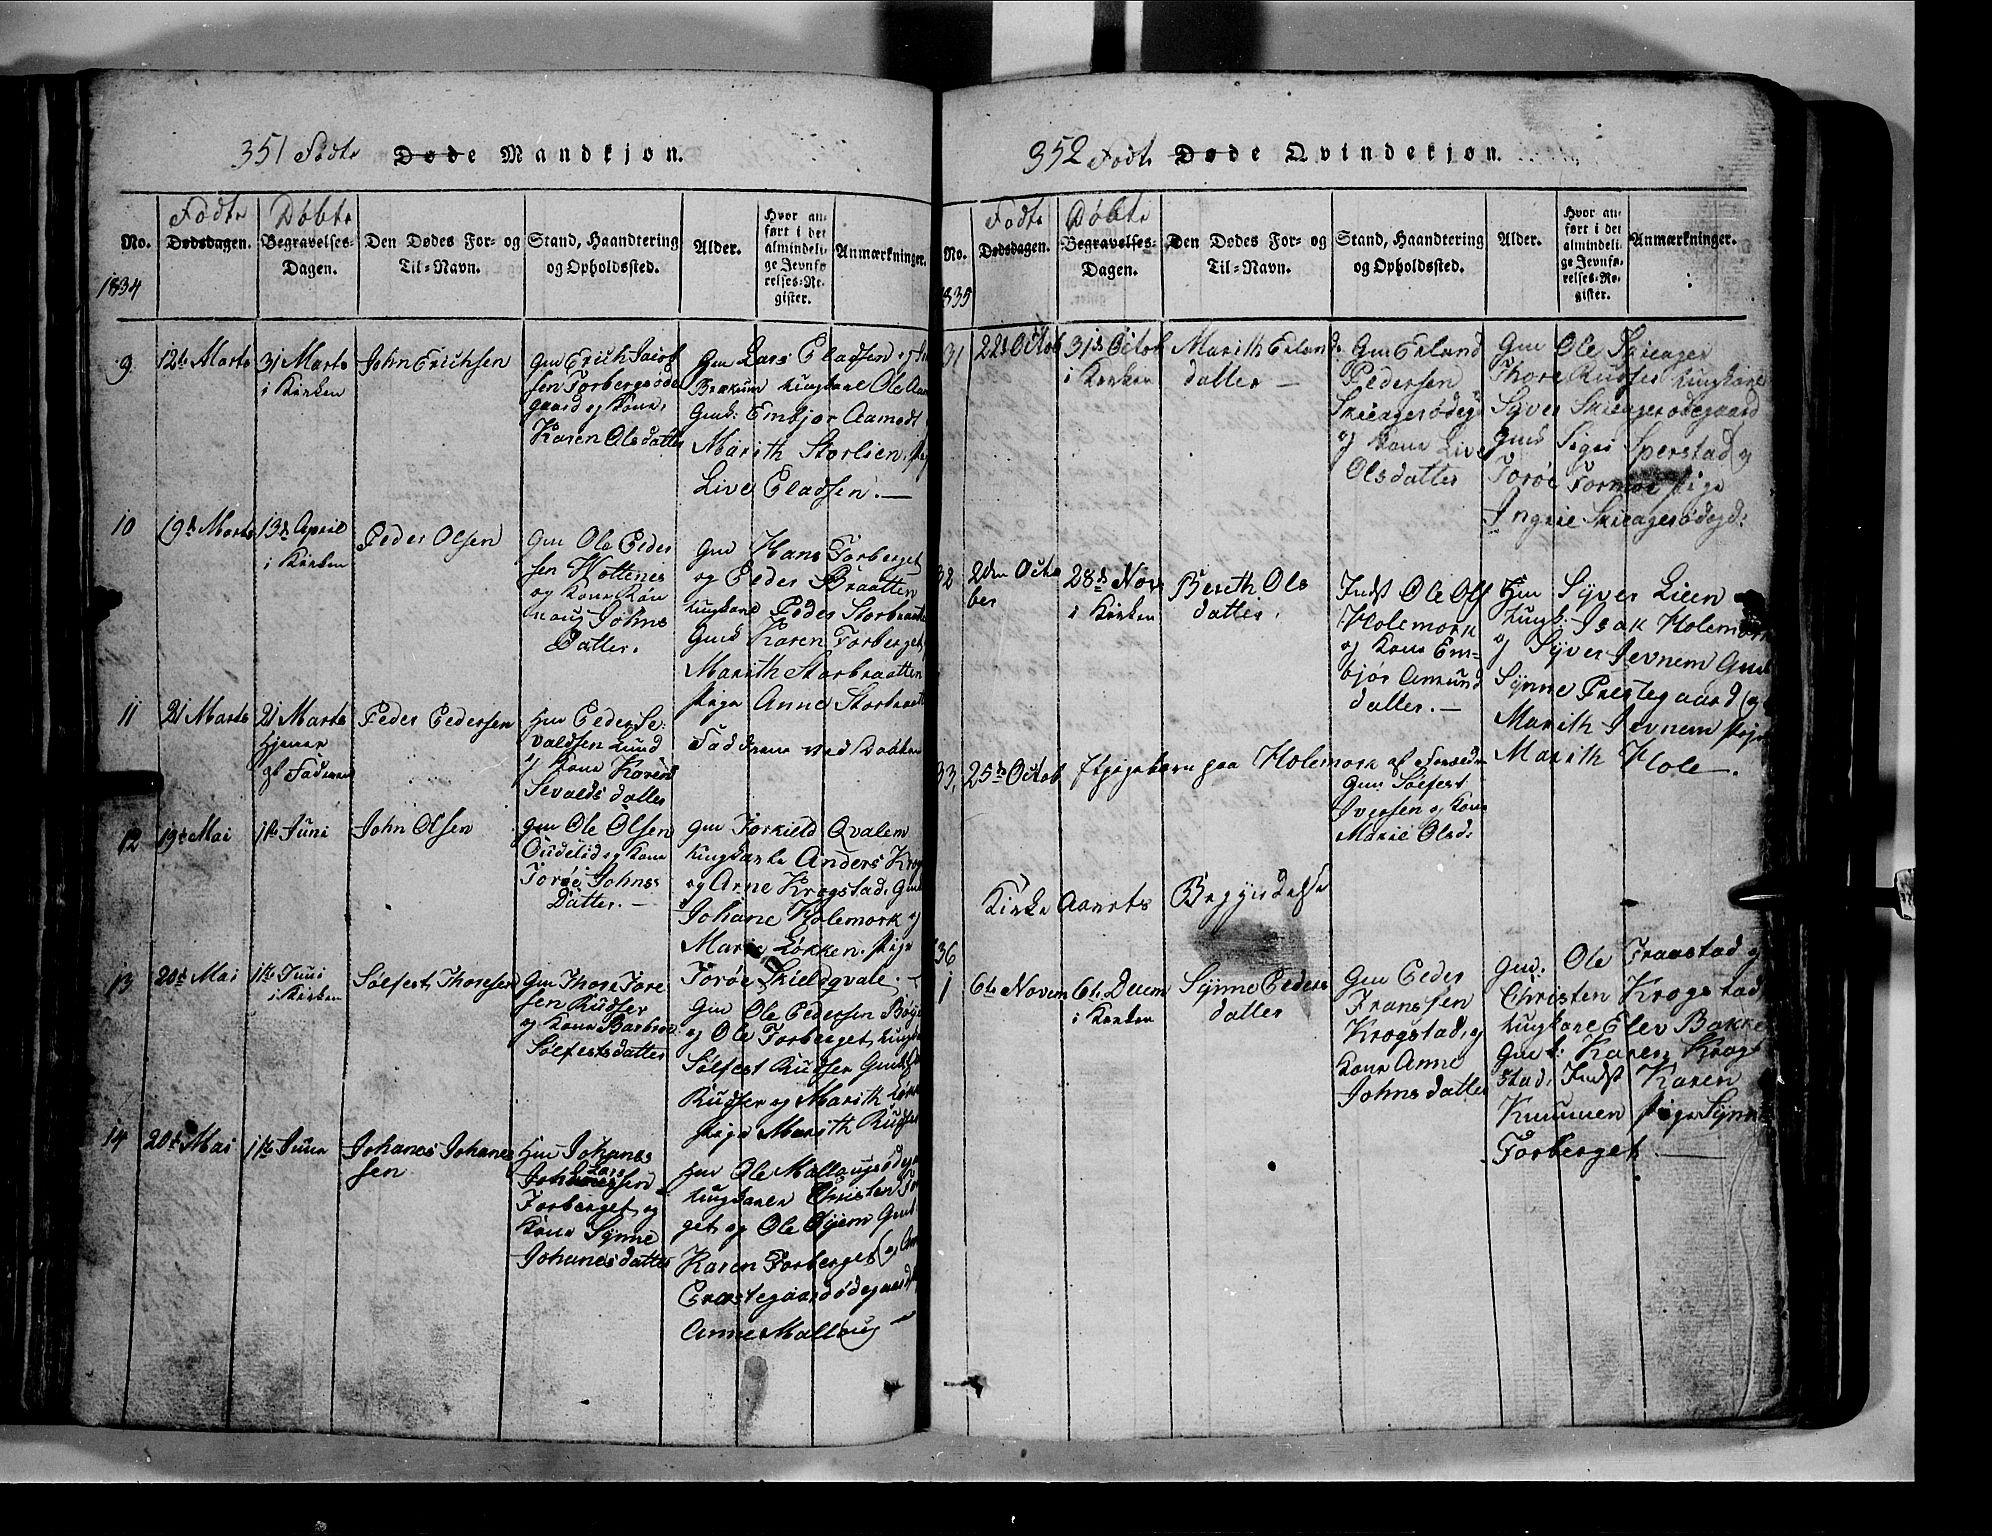 SAH, Lom prestekontor, L/L0003: Klokkerbok nr. 3, 1815-1844, s. 351-352